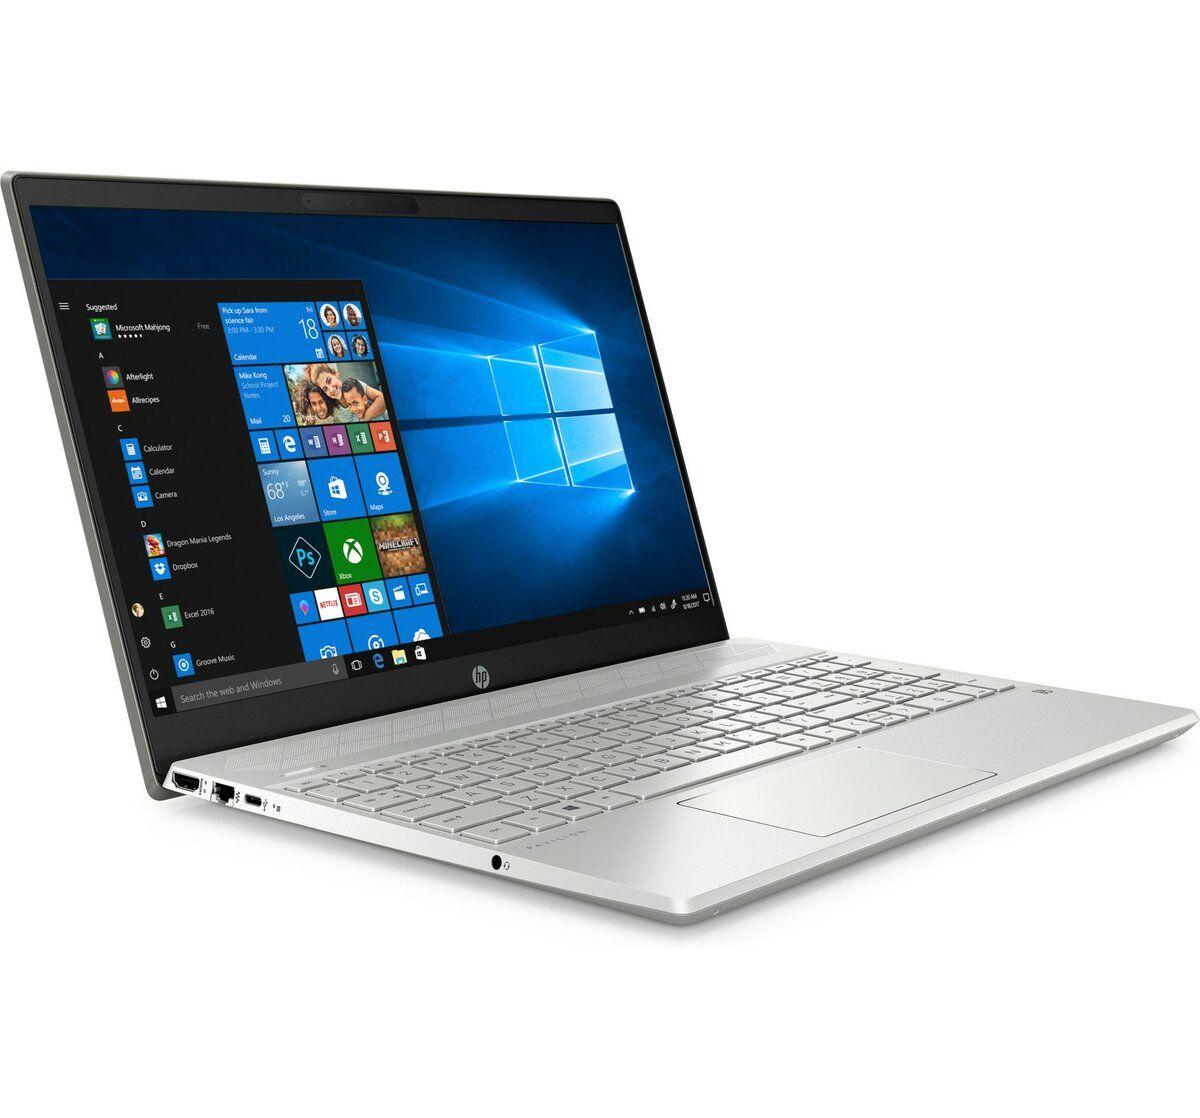 Laptop computer kopen halle belgie marcelis smart office exellent it